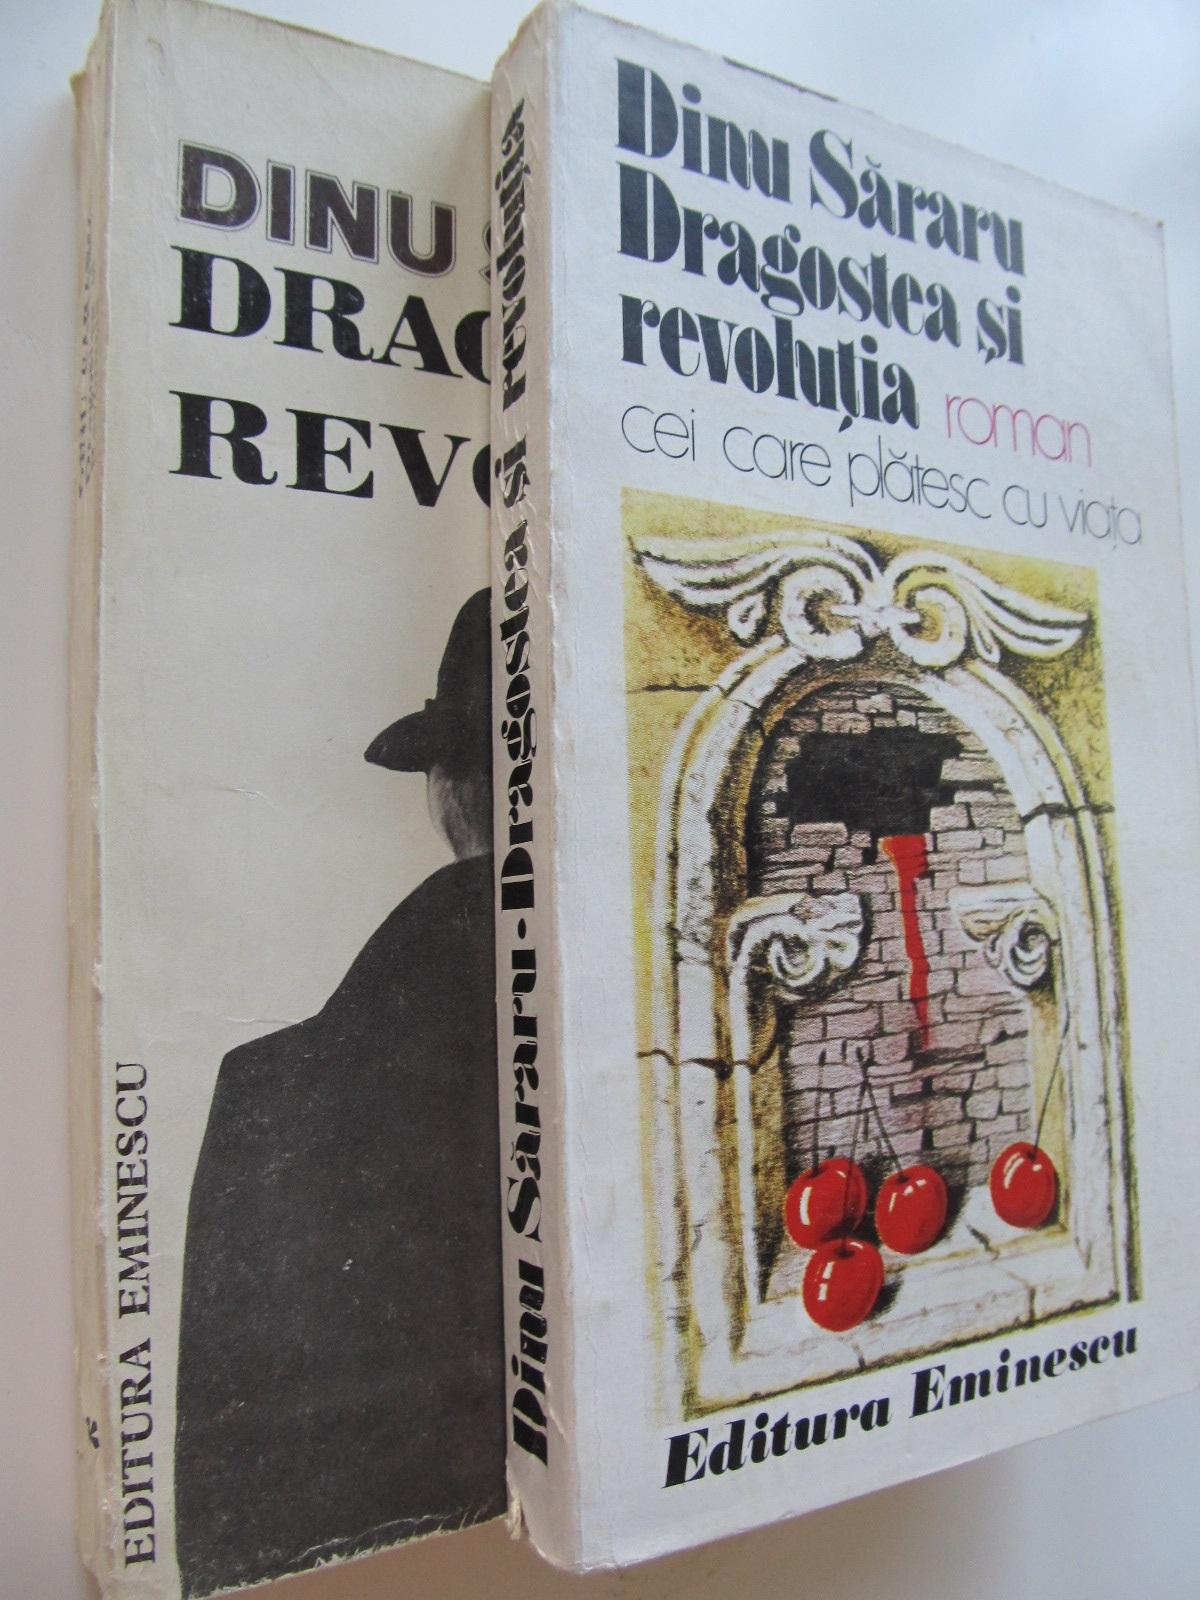 Carte Dragostea si revolutia (2 vol.) - Dinu Sararu